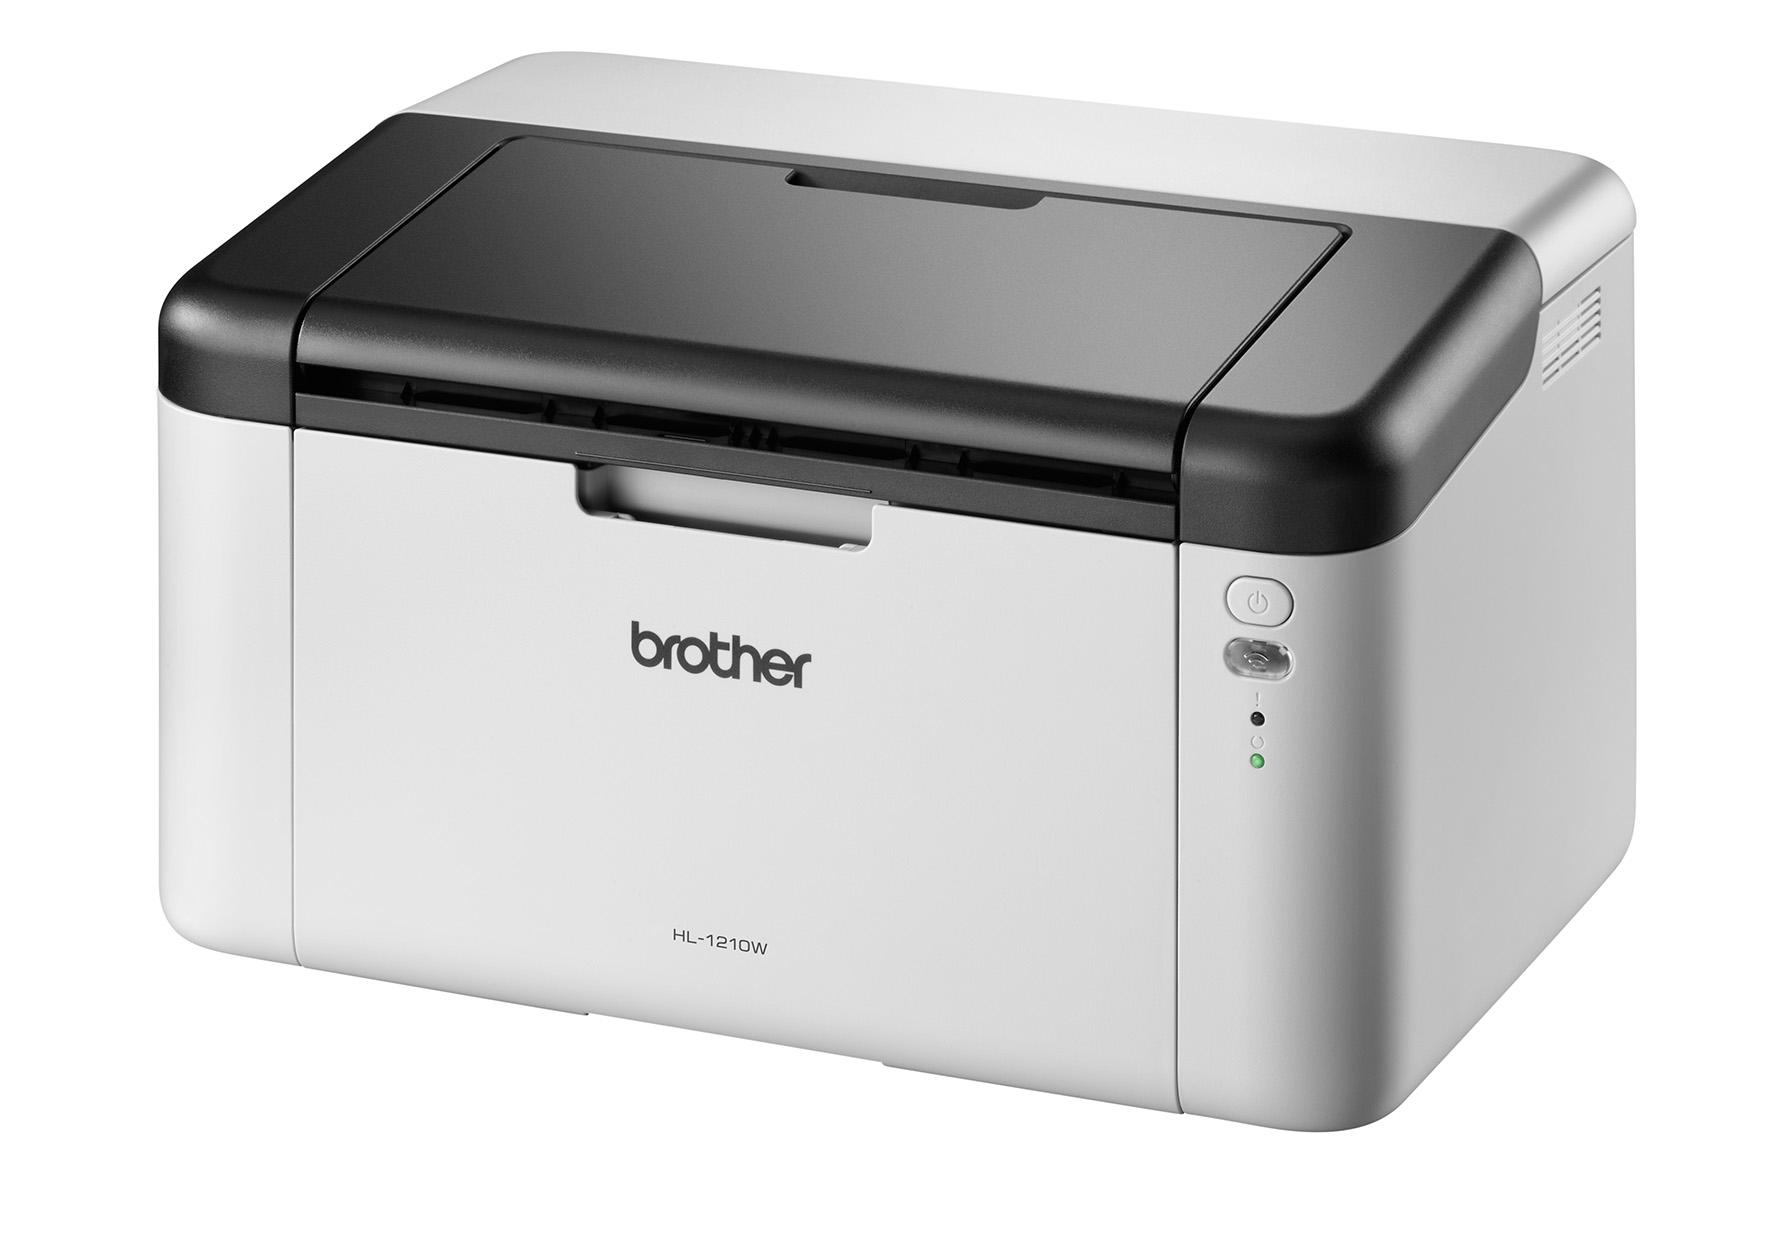 Brother HL 1210 - Drucker s/w Laser/LED-Druck - 20 ppm